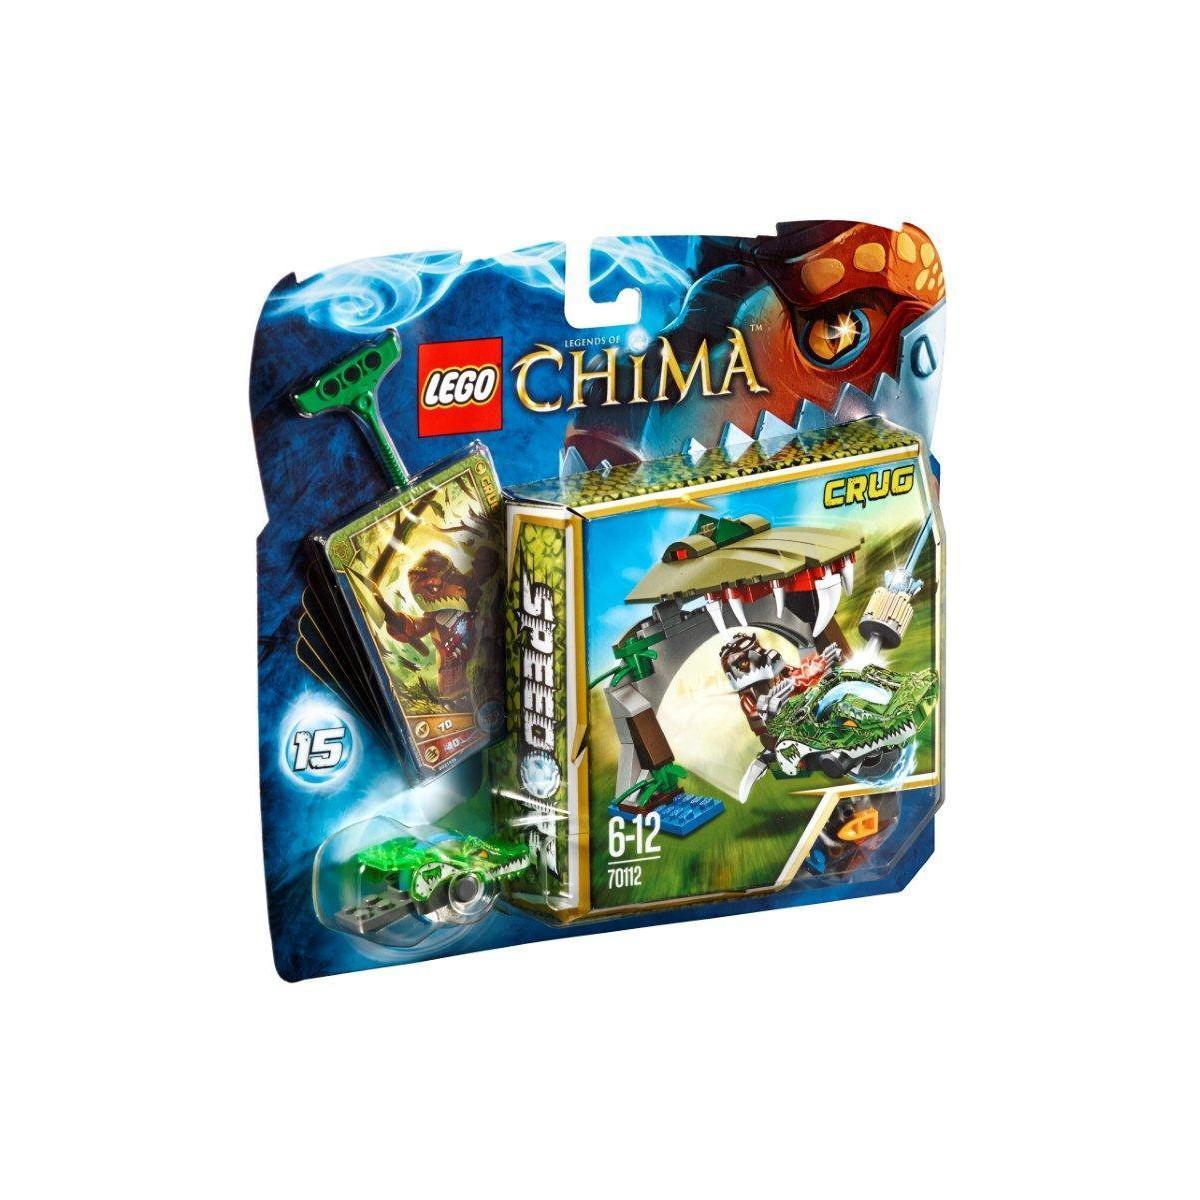 Sélection de 3 Boites Lego Legends of chima - Speedorz - Ex : L'attaque du nid Royal - n°70108